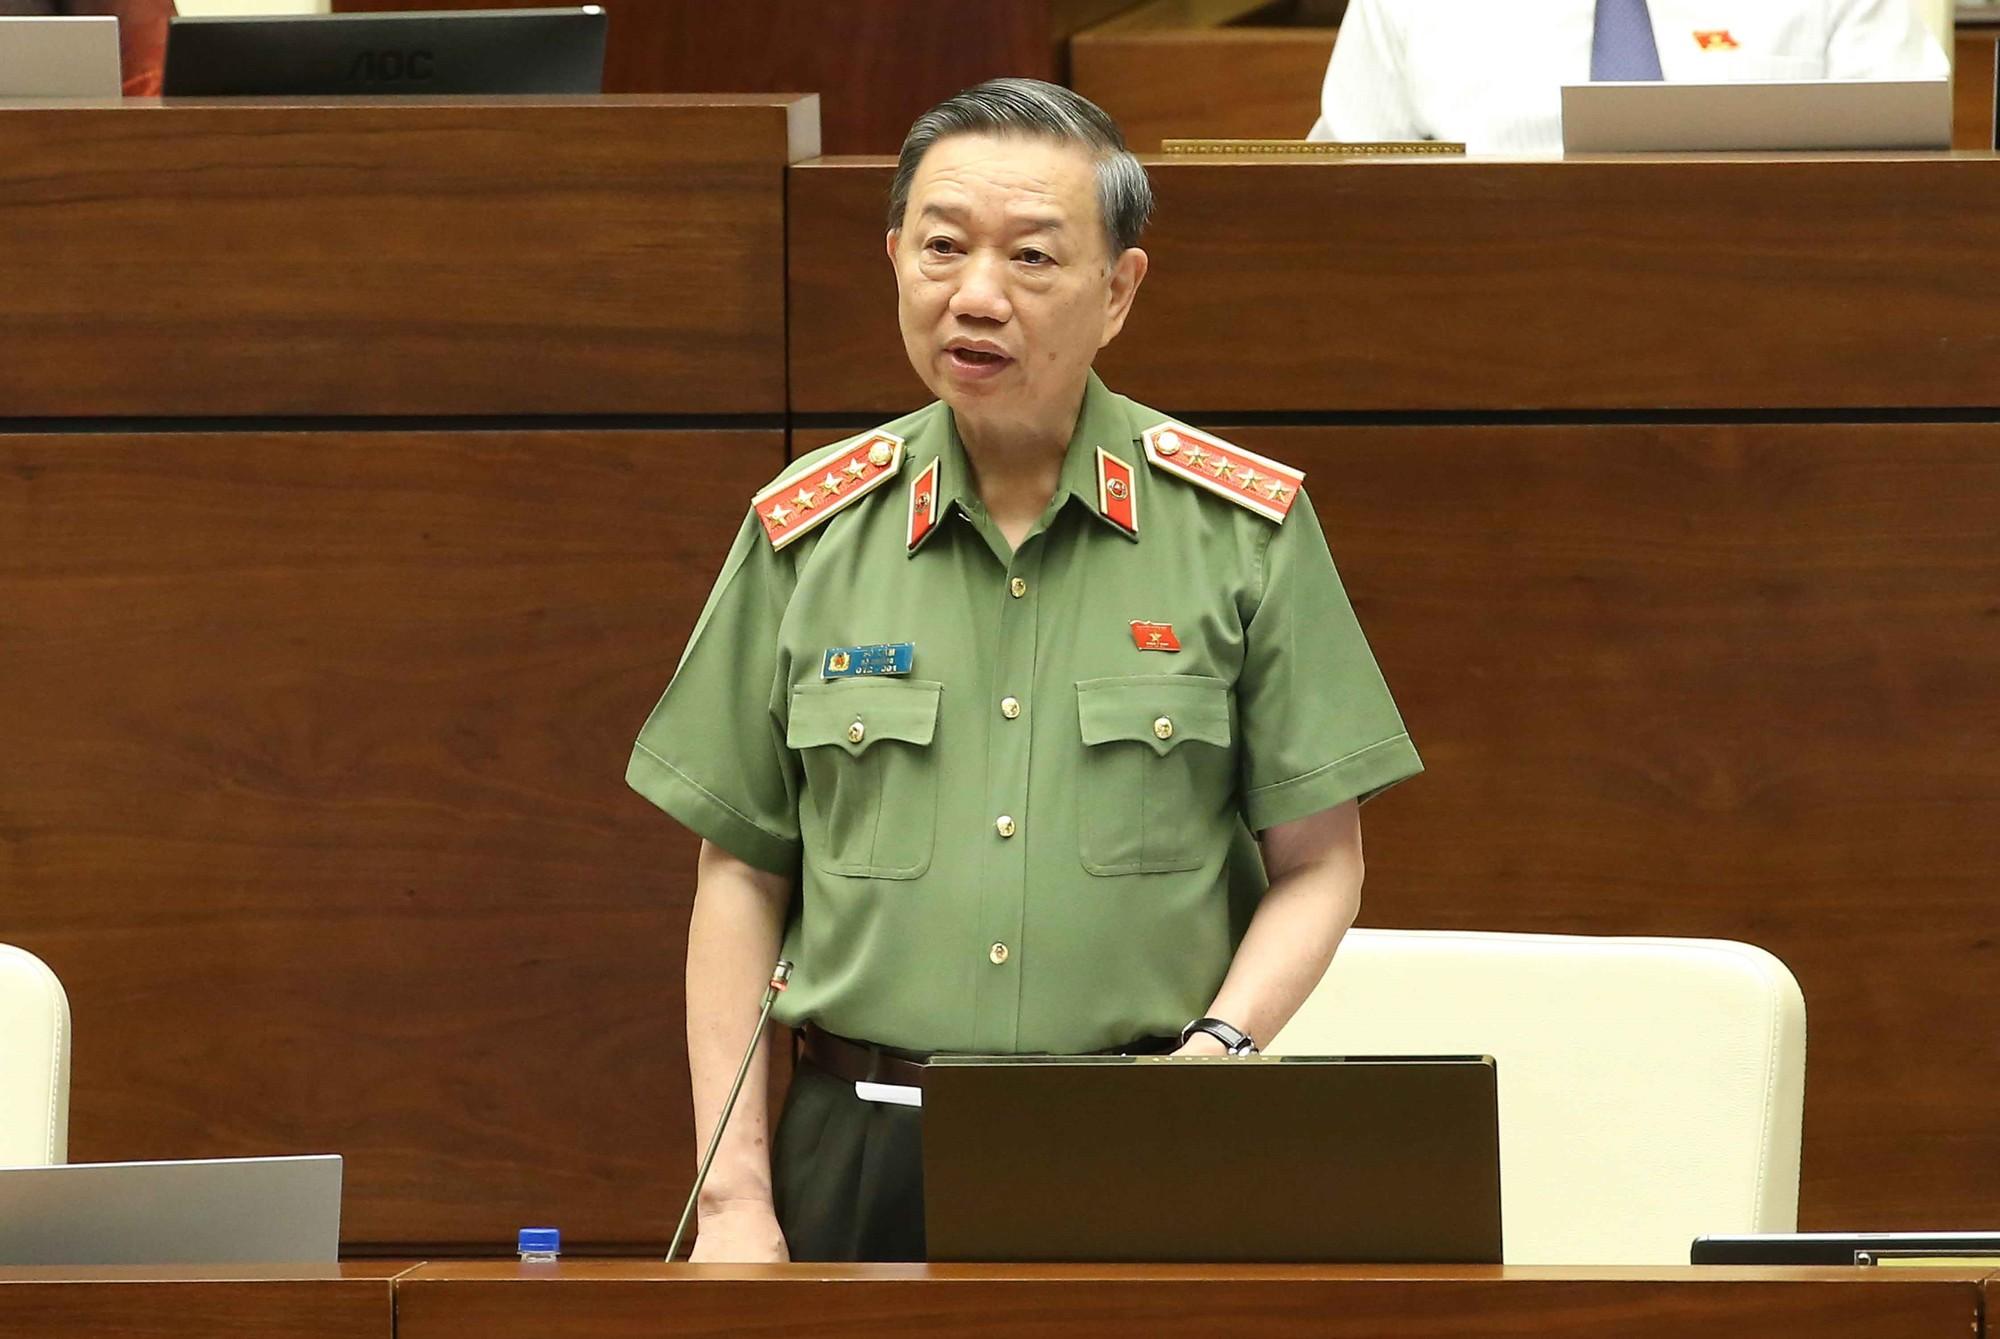 [Video] Bộ trưởng Tô Lâm: Chưa phát hiện được động cơ khác của tội phạm ma tuý ngoài lợi nhuận - Ảnh 3.